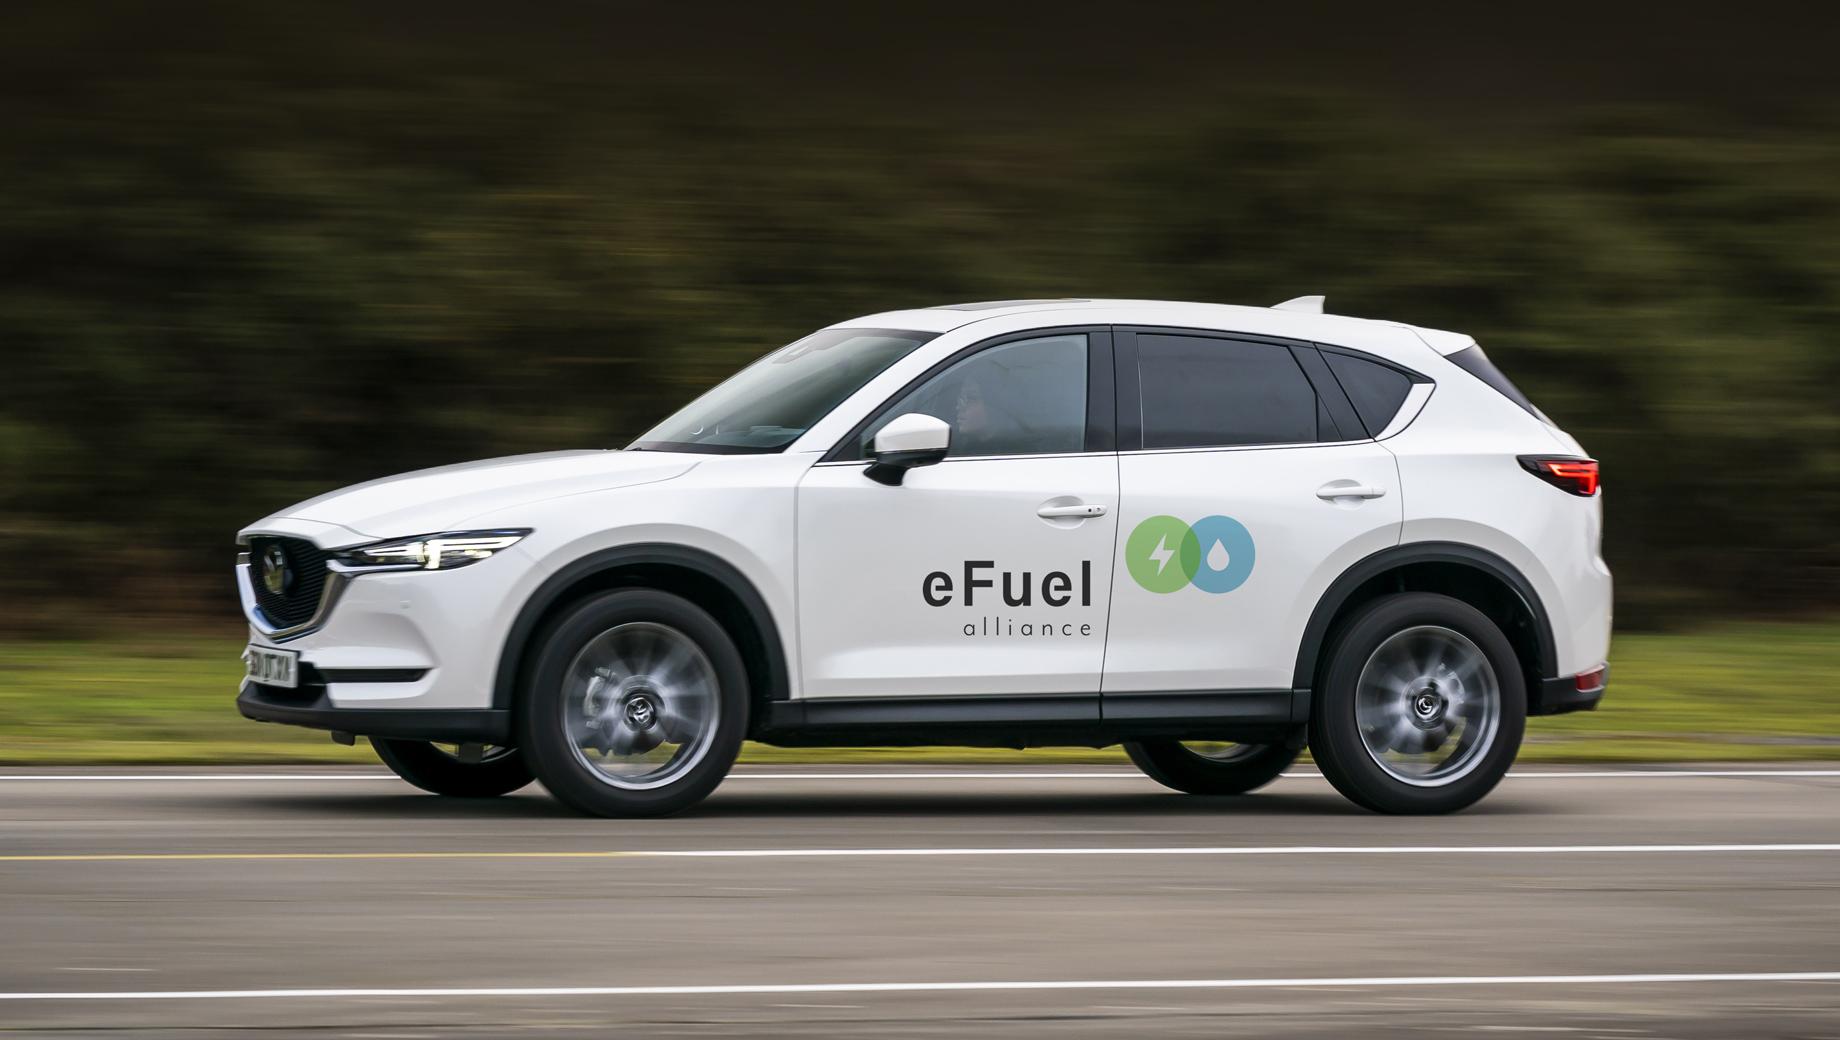 Mazda вступила в альянс для развития синтетического топлива